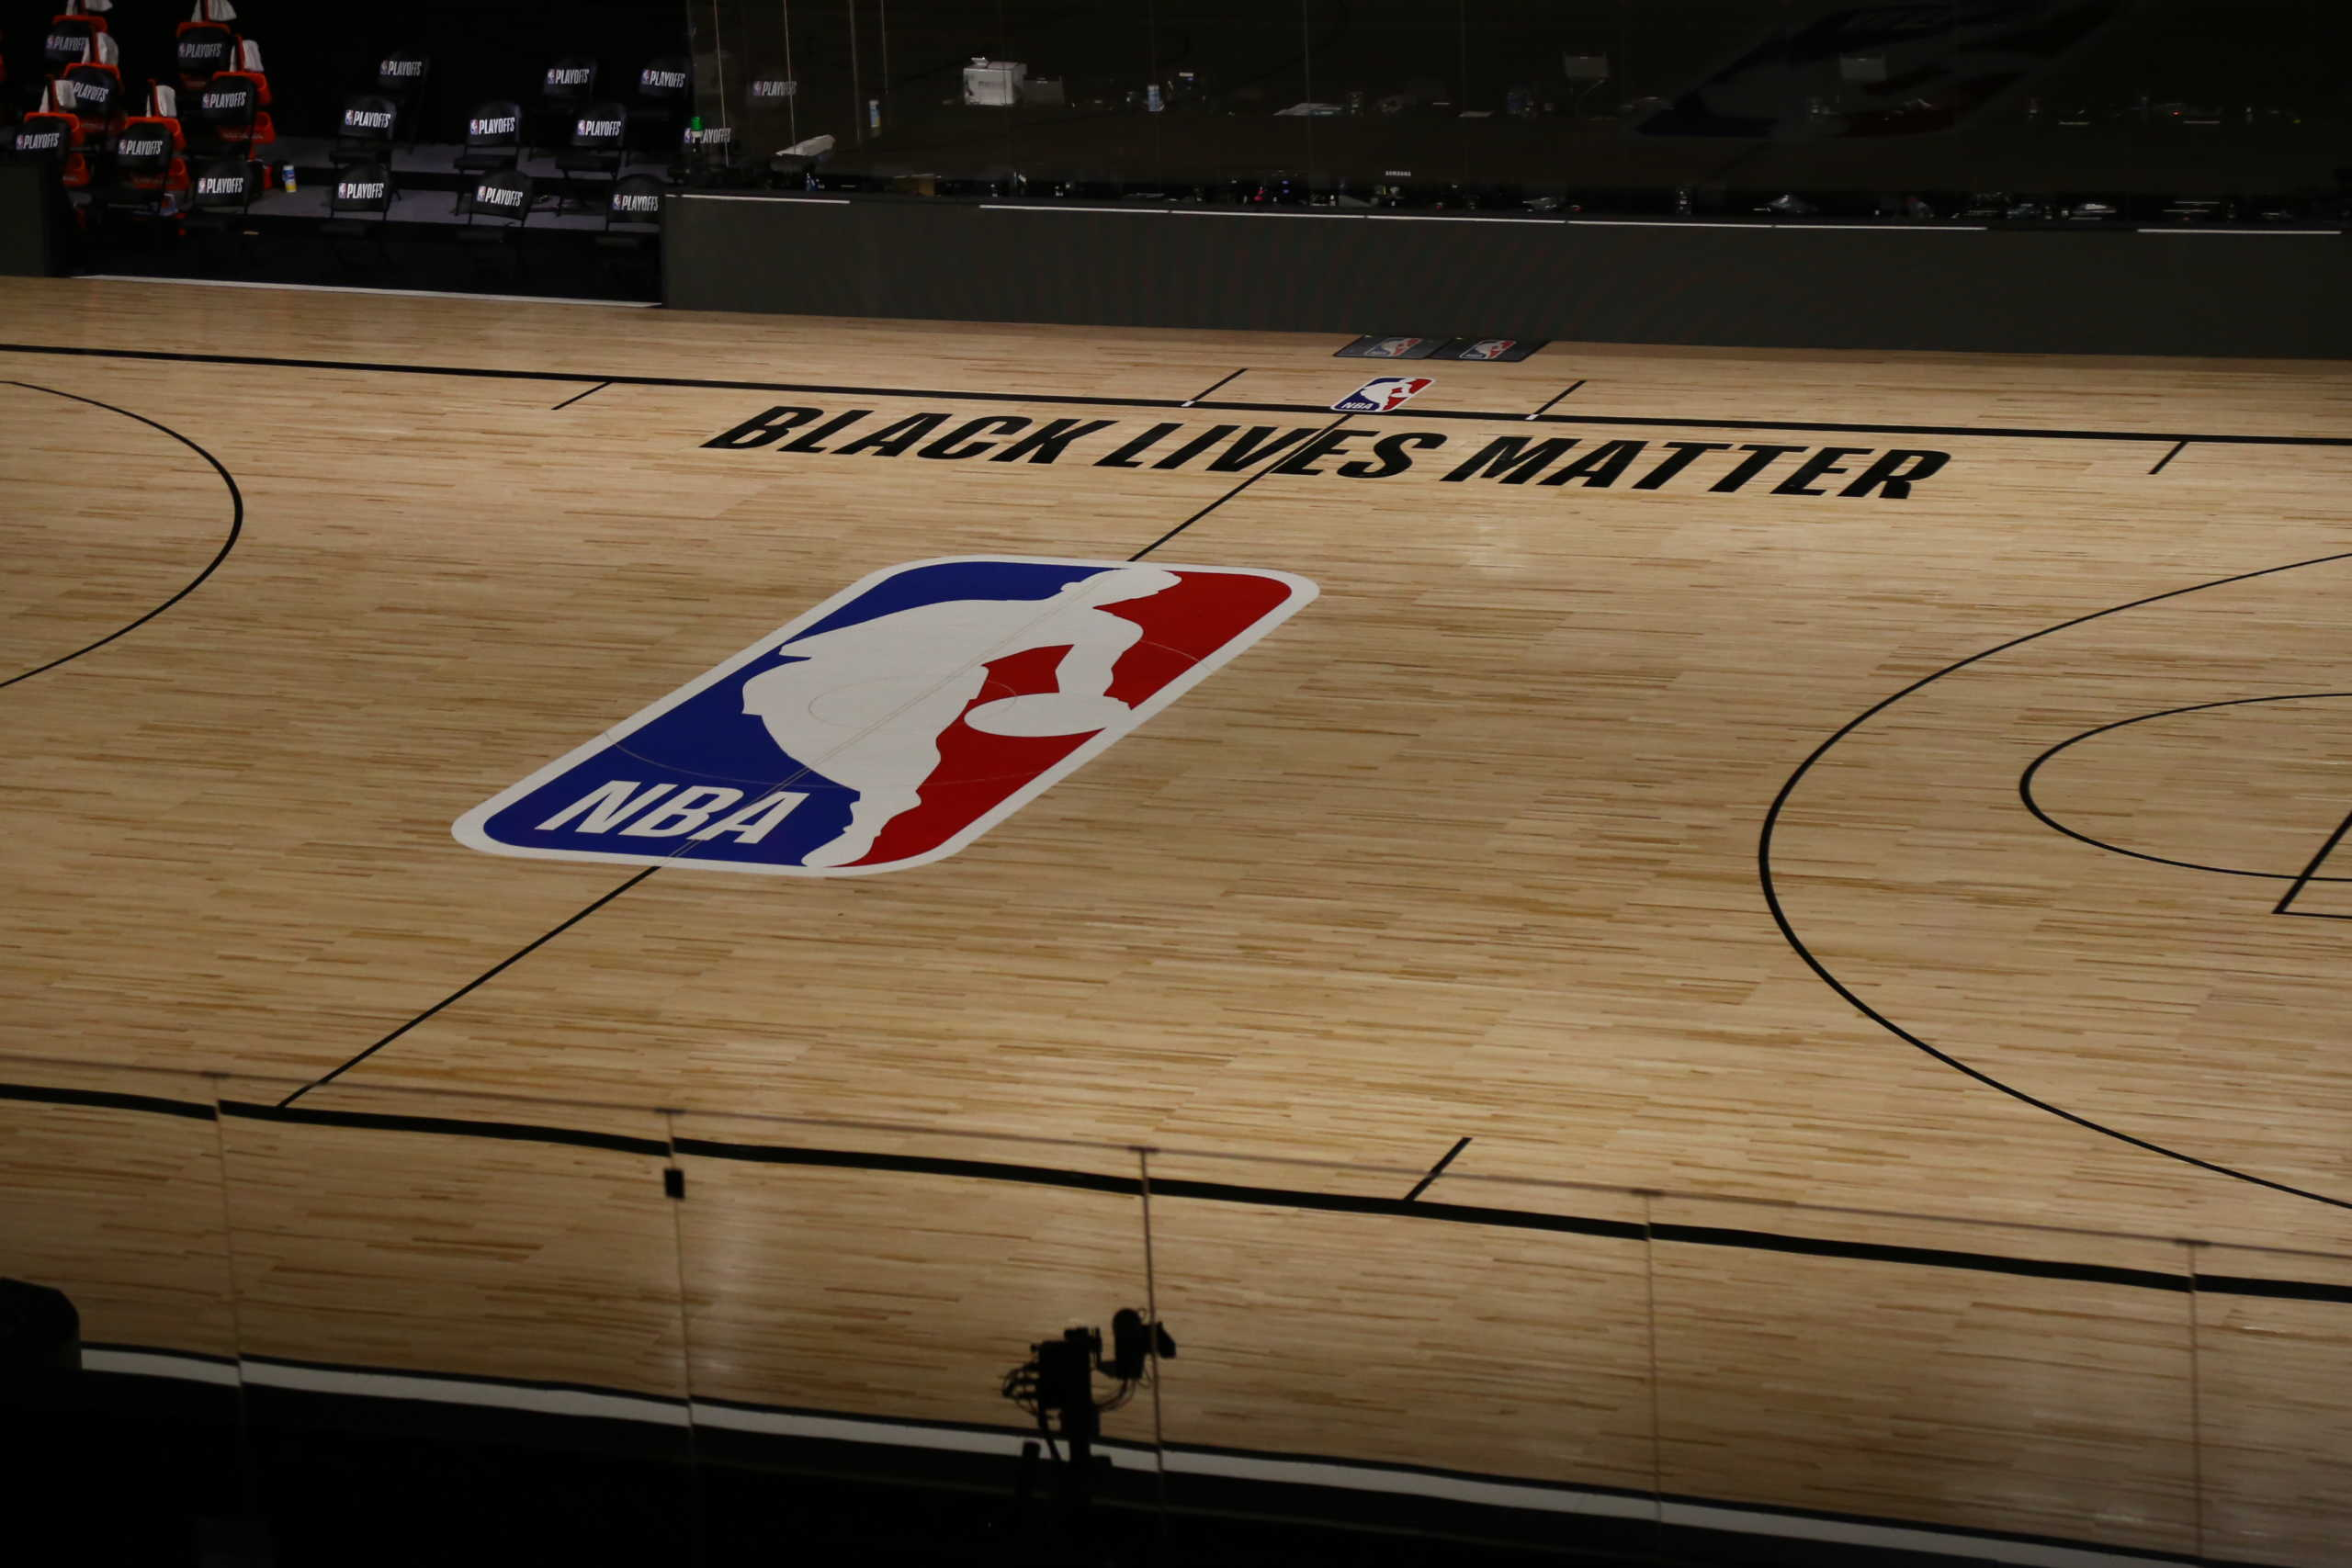 Επιστρέφουν σύντομα οι οπαδοί στο NBA (pic)